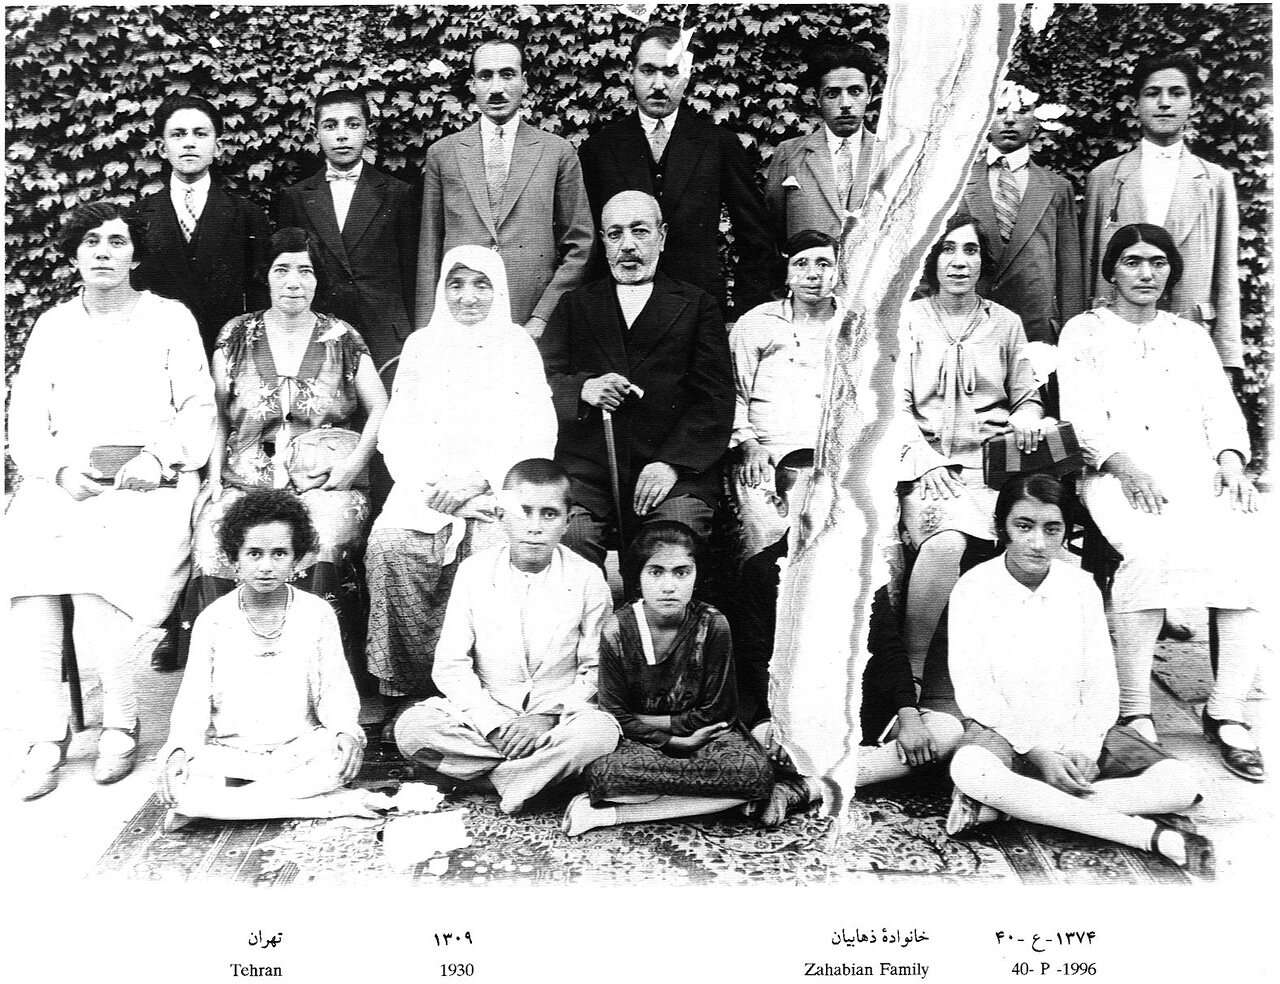 Семья Захабиян, Тегеран, ок. 1930